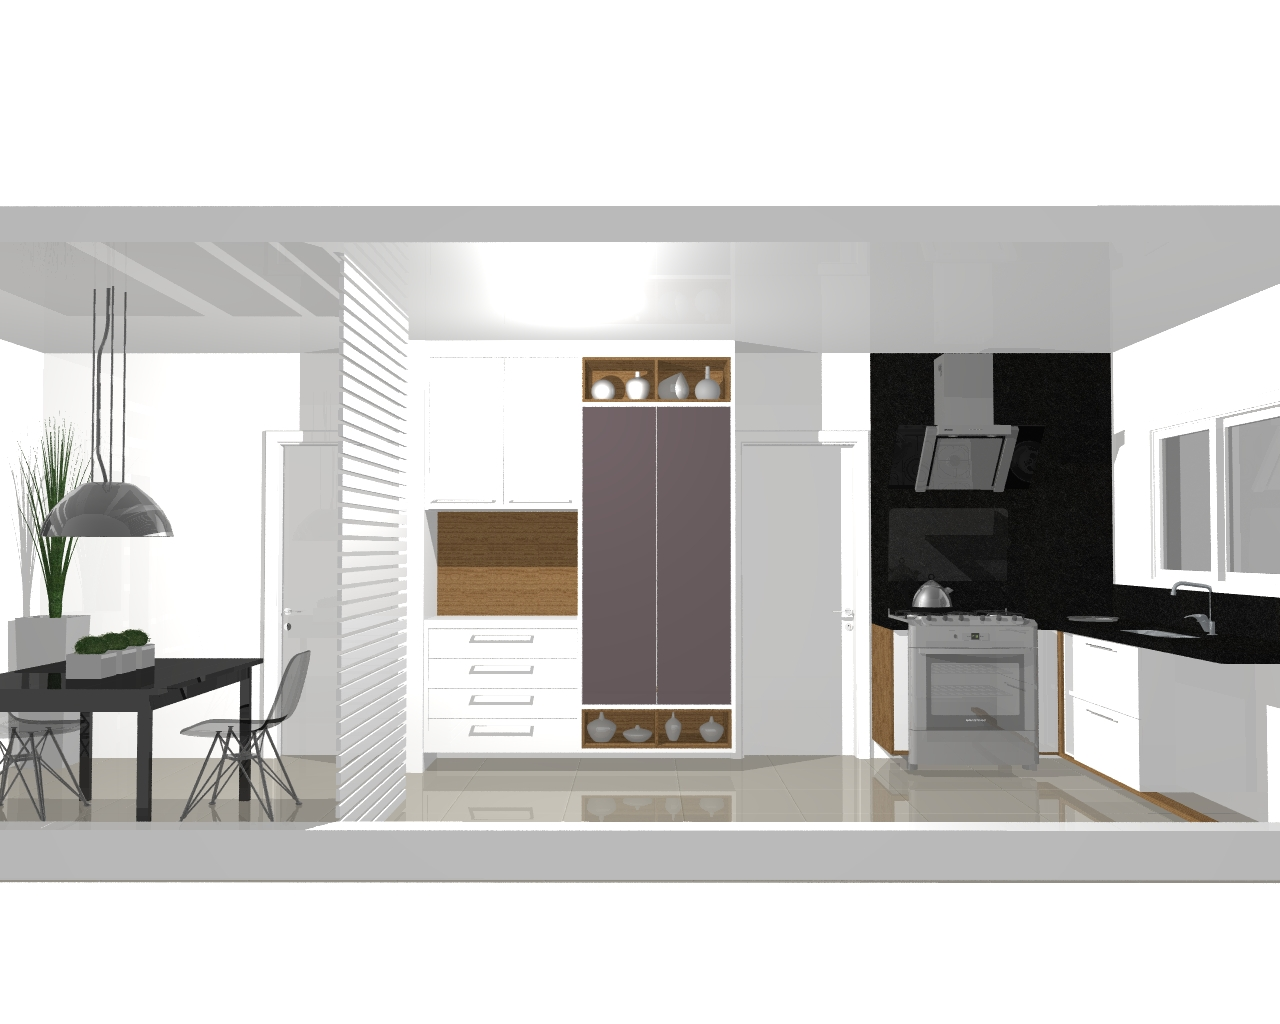 Carolina Lira Design de Interiores: Junho 2010 #876744 1280 1024